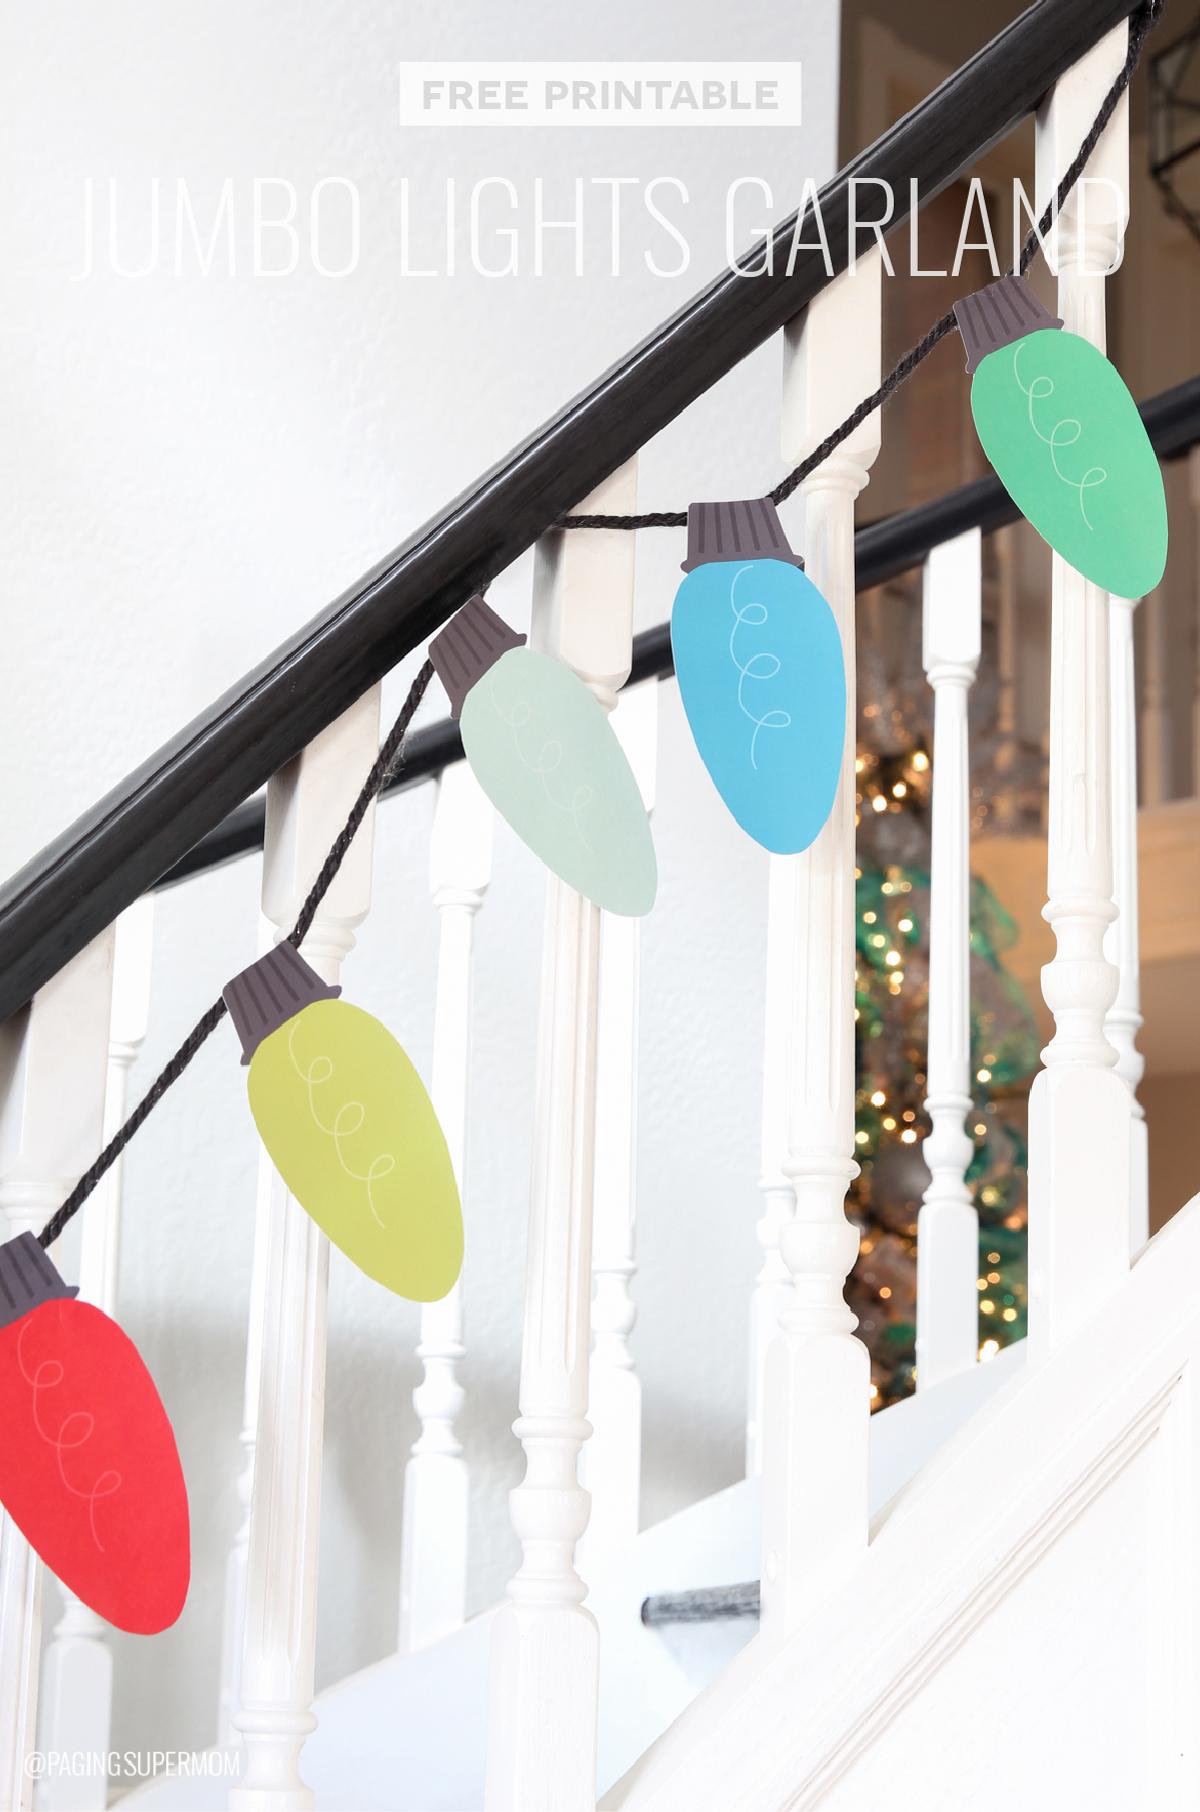 Free Printable Christmas Lights Garland Decorating